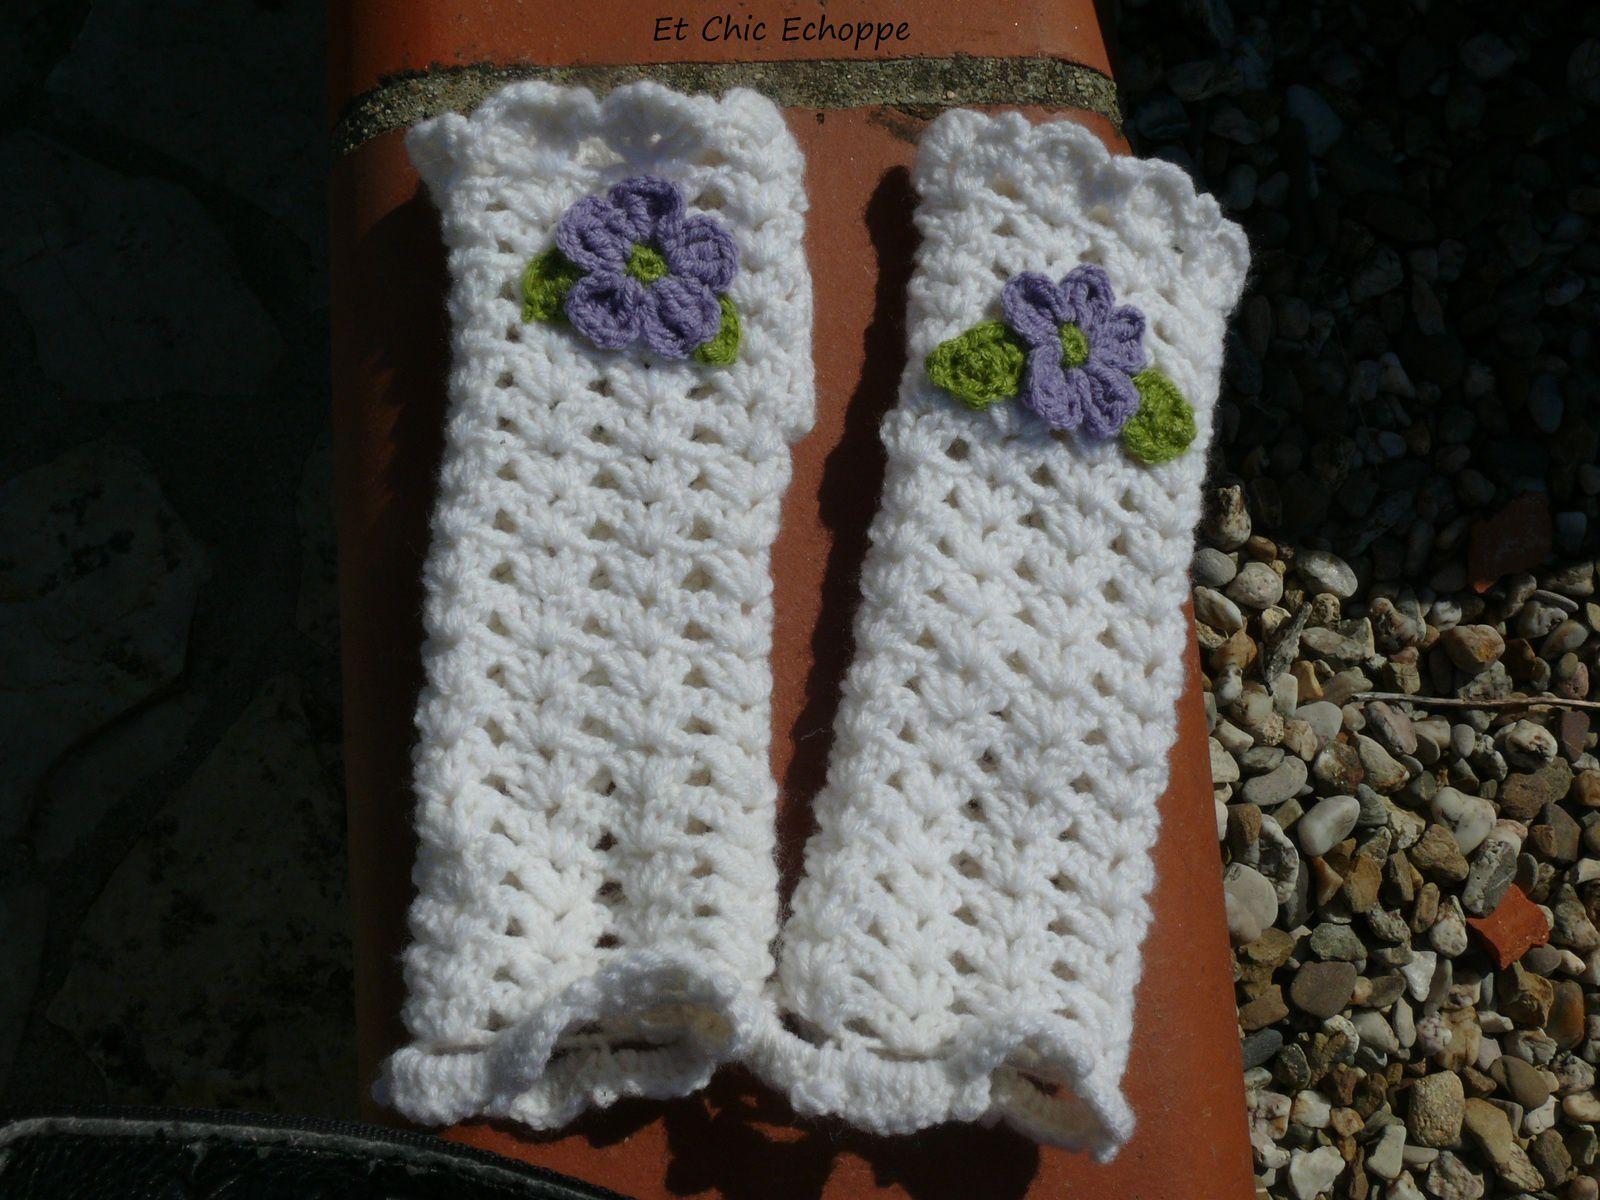 Paire de mitaines fleuries au crochet